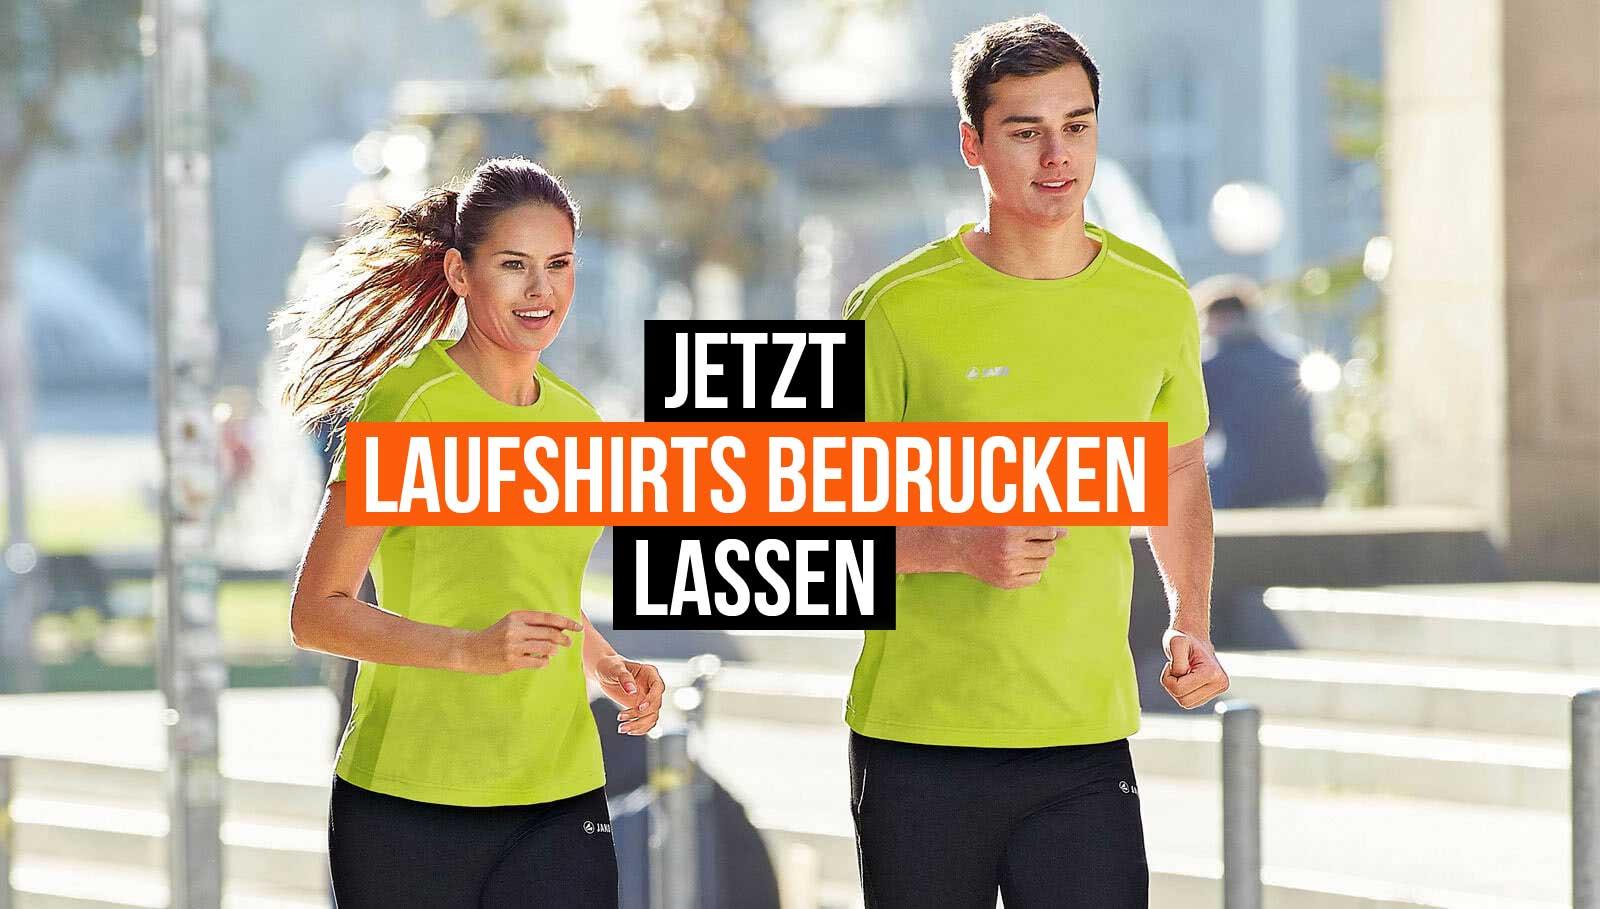 Sportschuhe groß auswahl Top Qualität Running/Lauf Shirts bedrucken oder beflocken